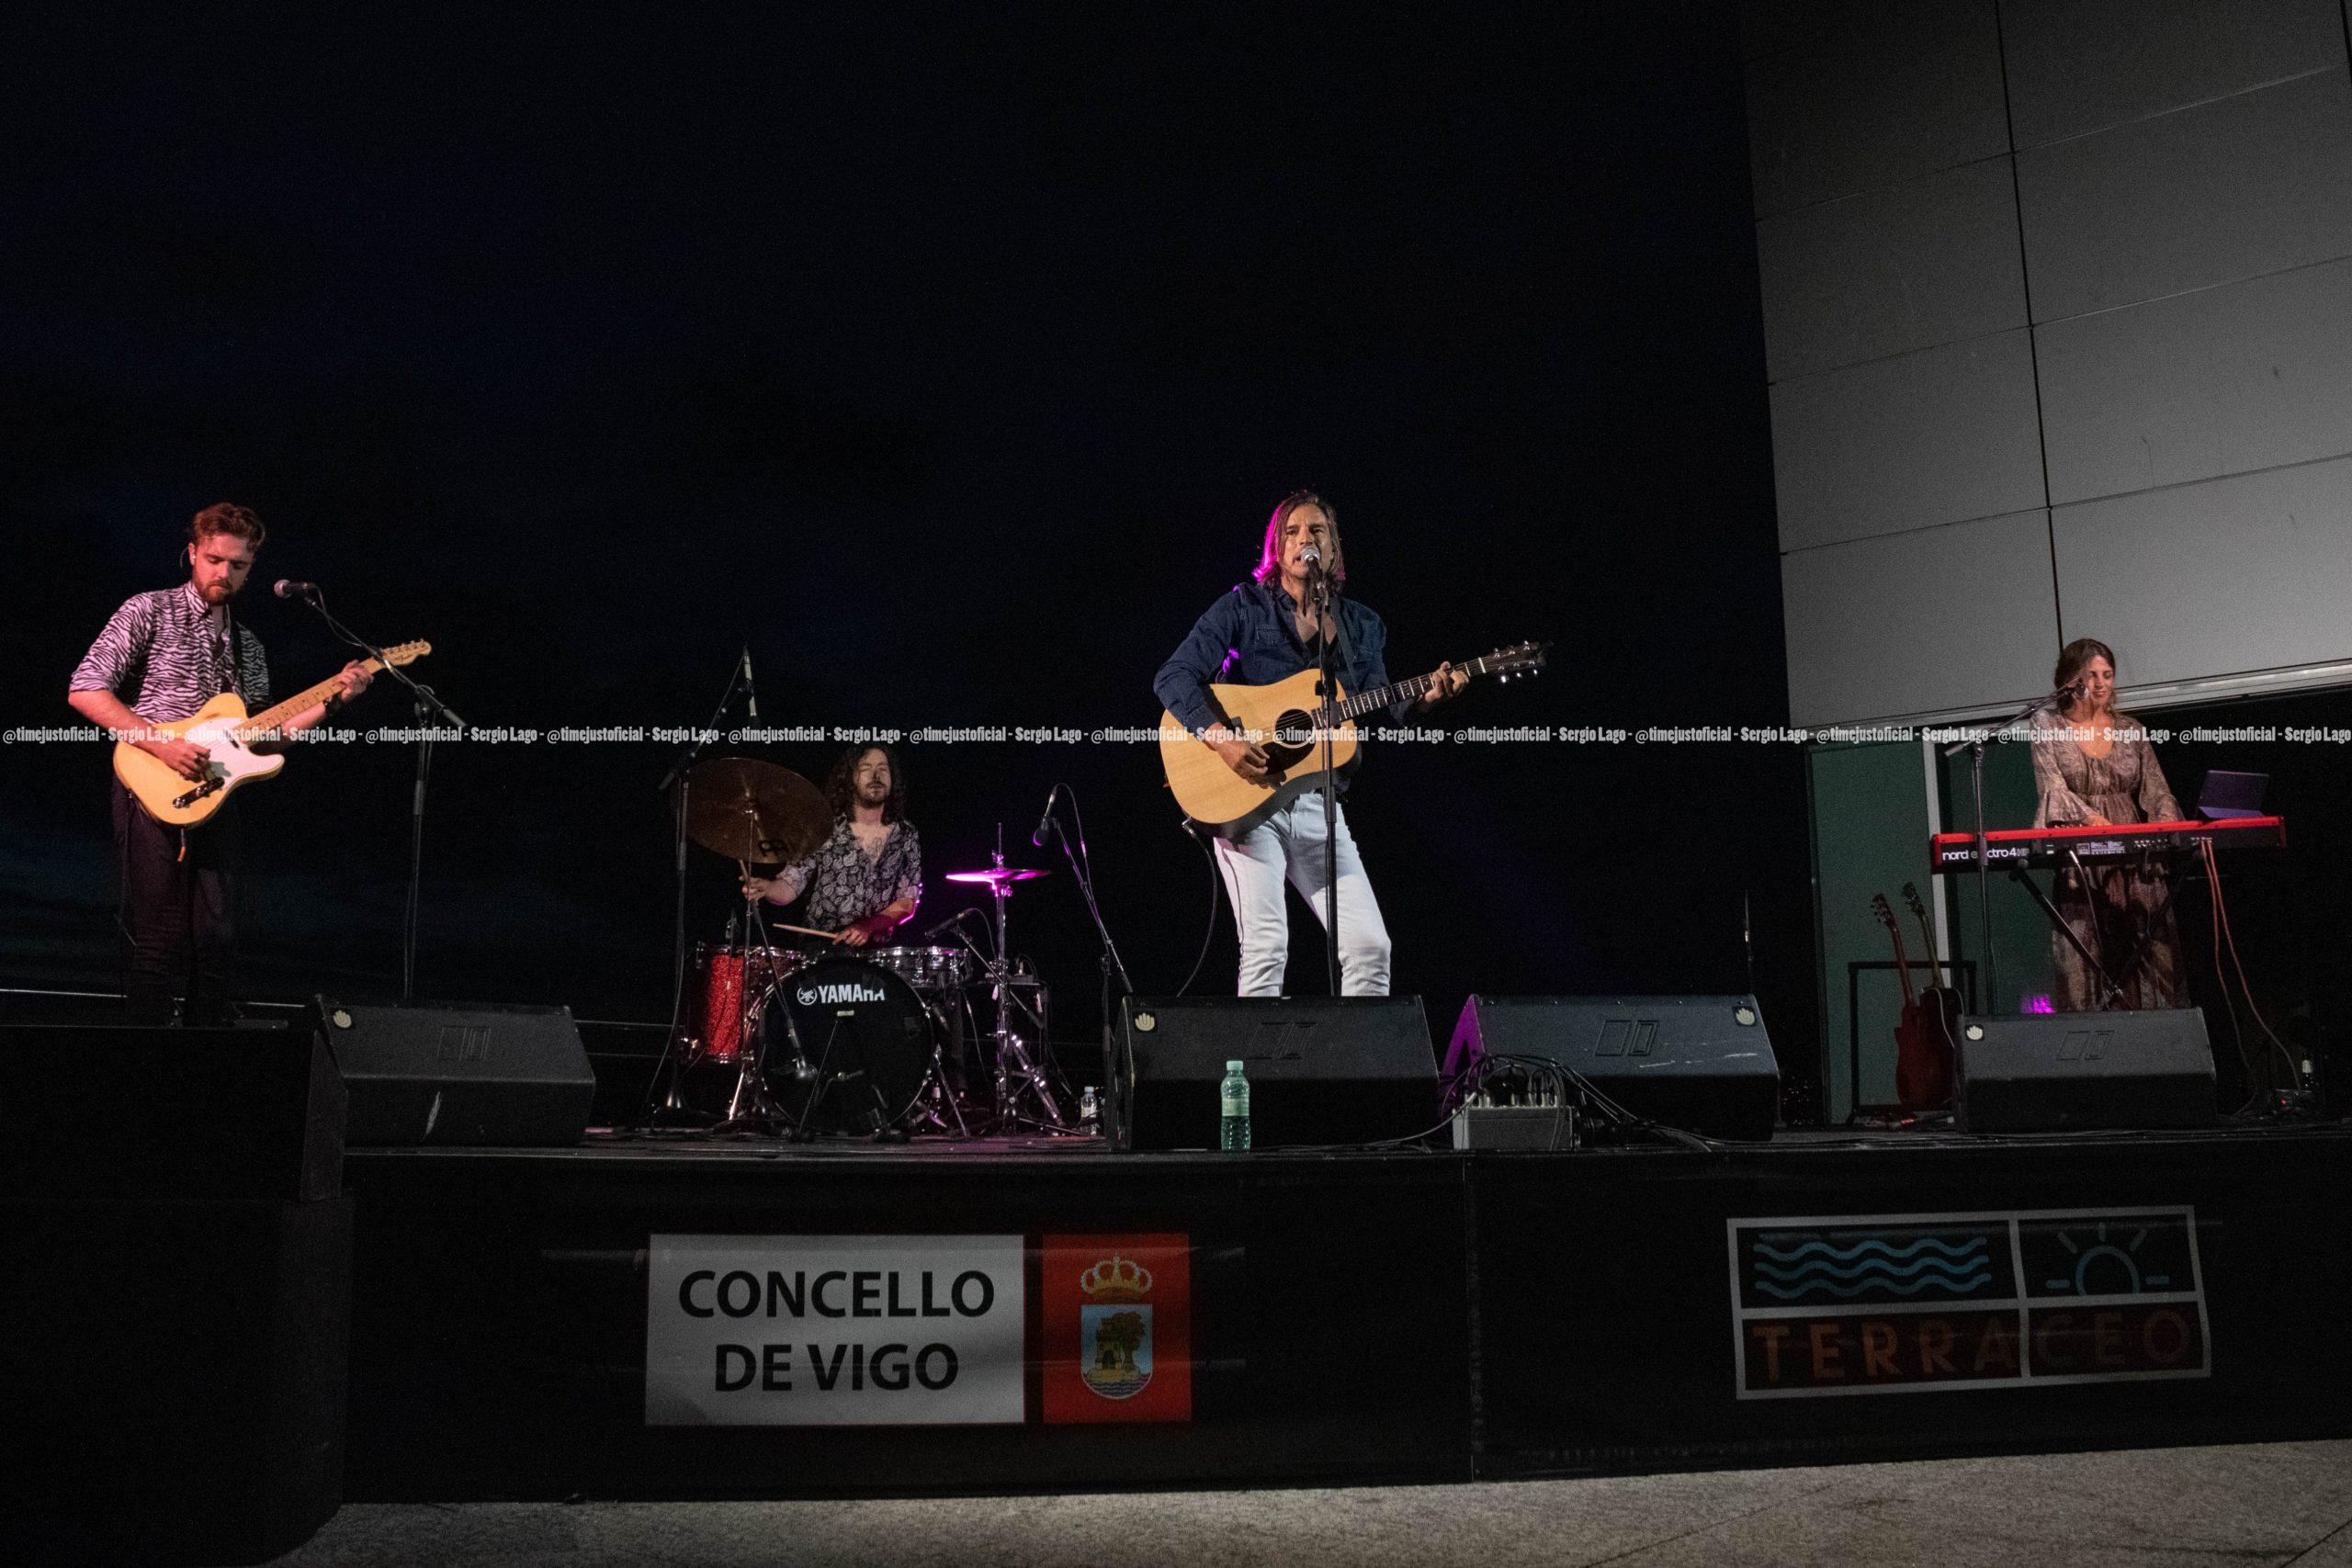 Concierto-de-Pol-3.14-en-el-Festival-TerraCeo-de-Vigo-con-Roma-Musica-de-telonera-03-09-2021-12